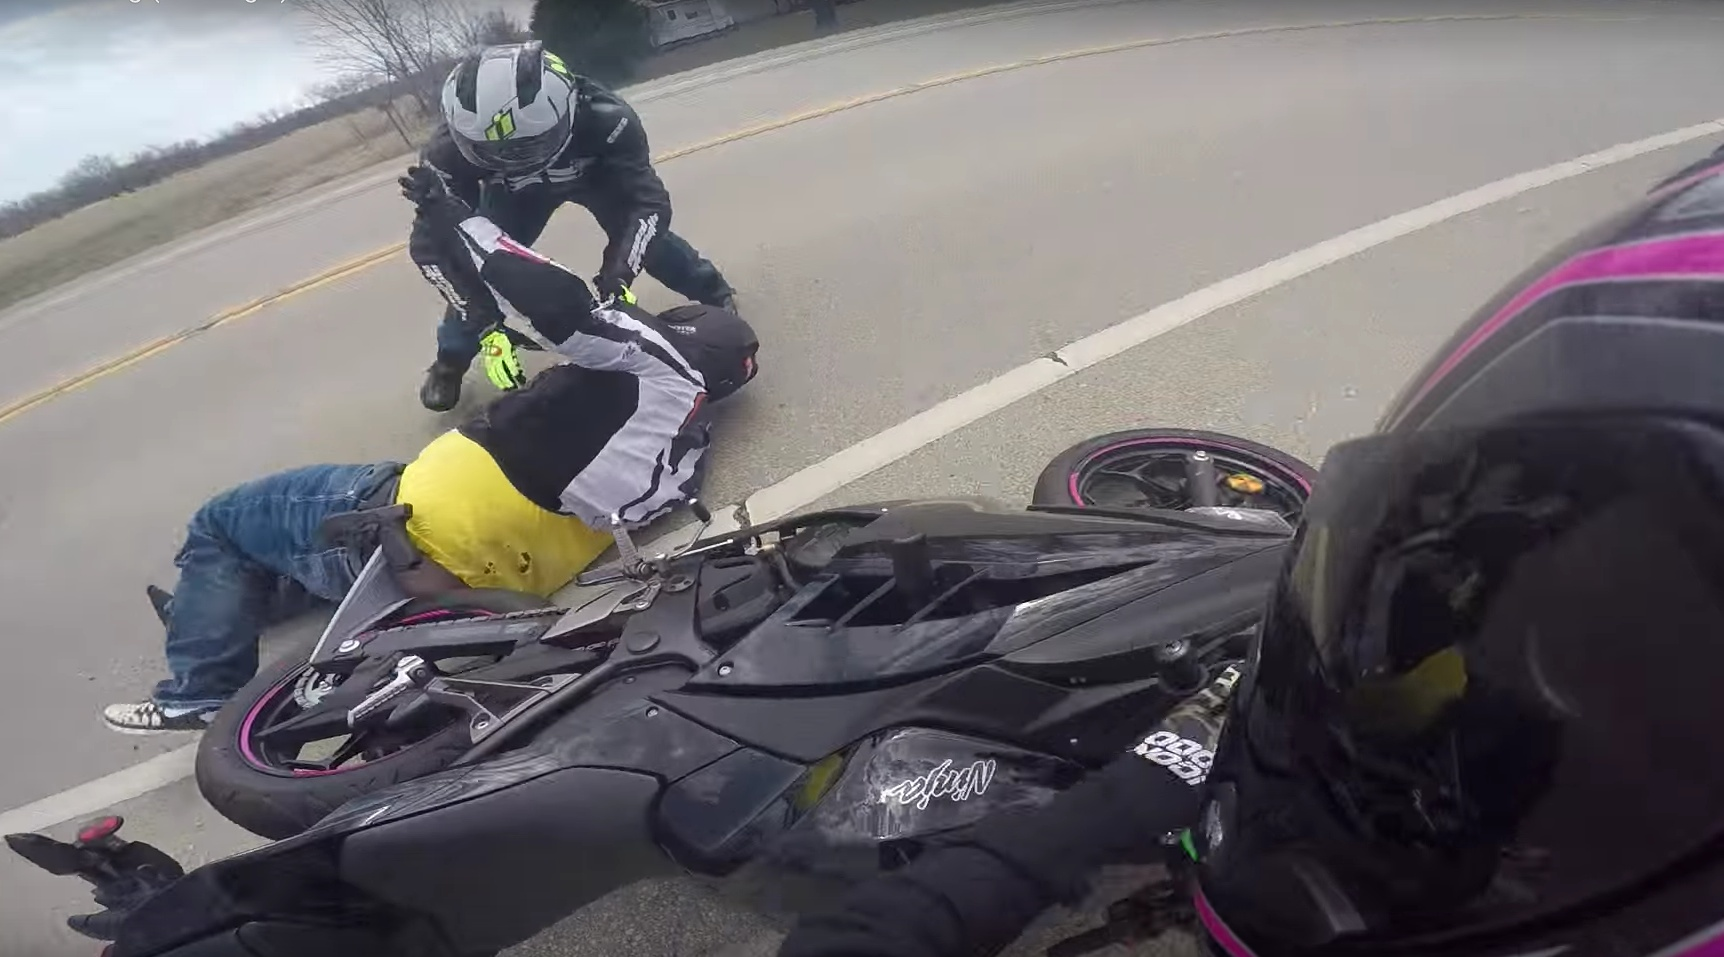 motosiklet anları 18 - Felaketten 1 saniye önce çekilmiş 20 fotoğraf